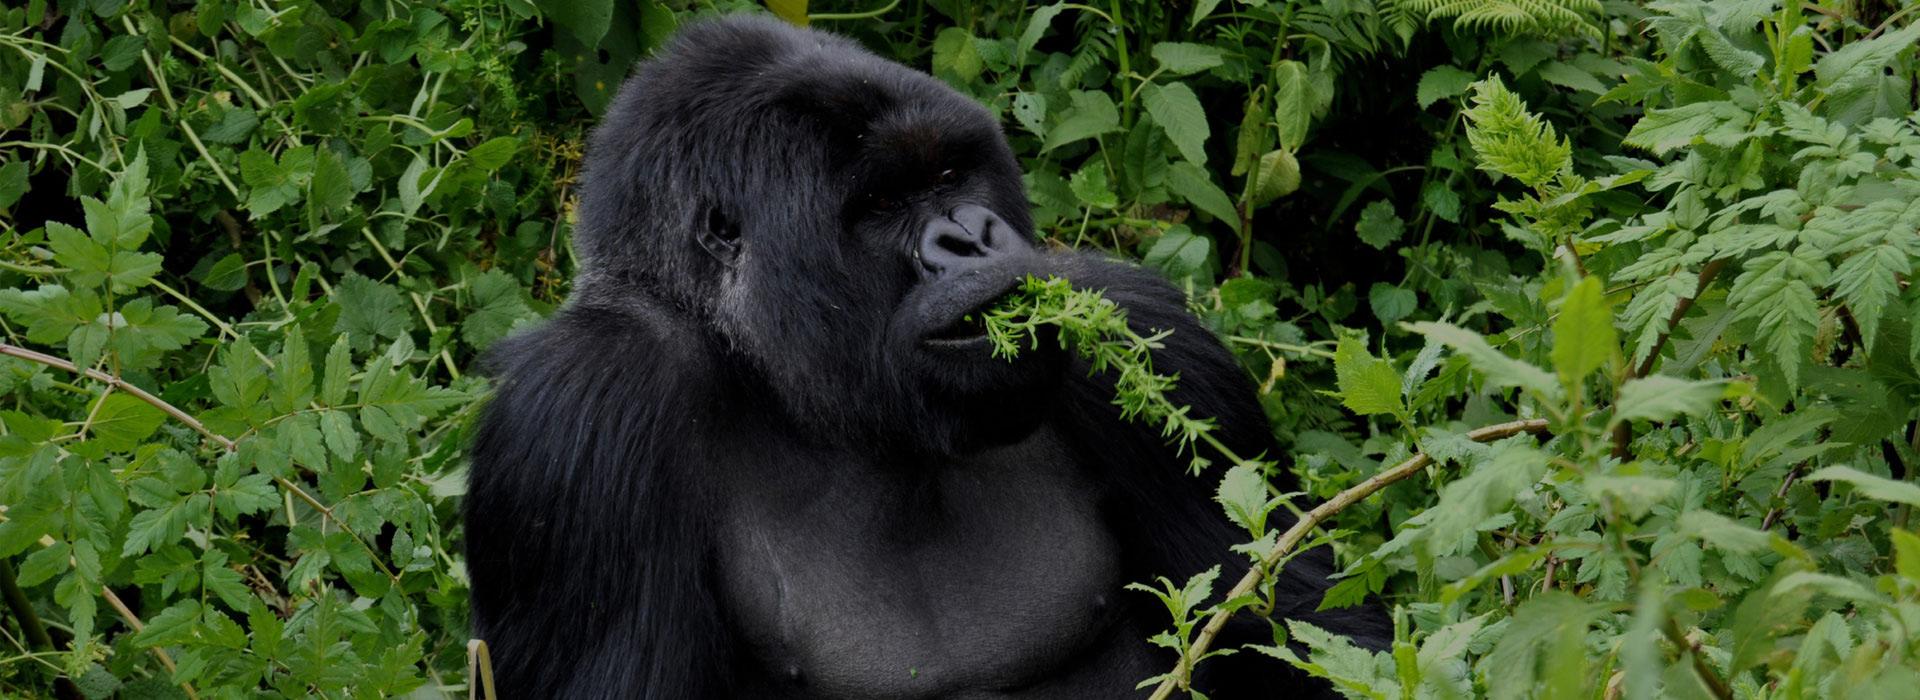 5 Days Kigali City tour gorilla trek